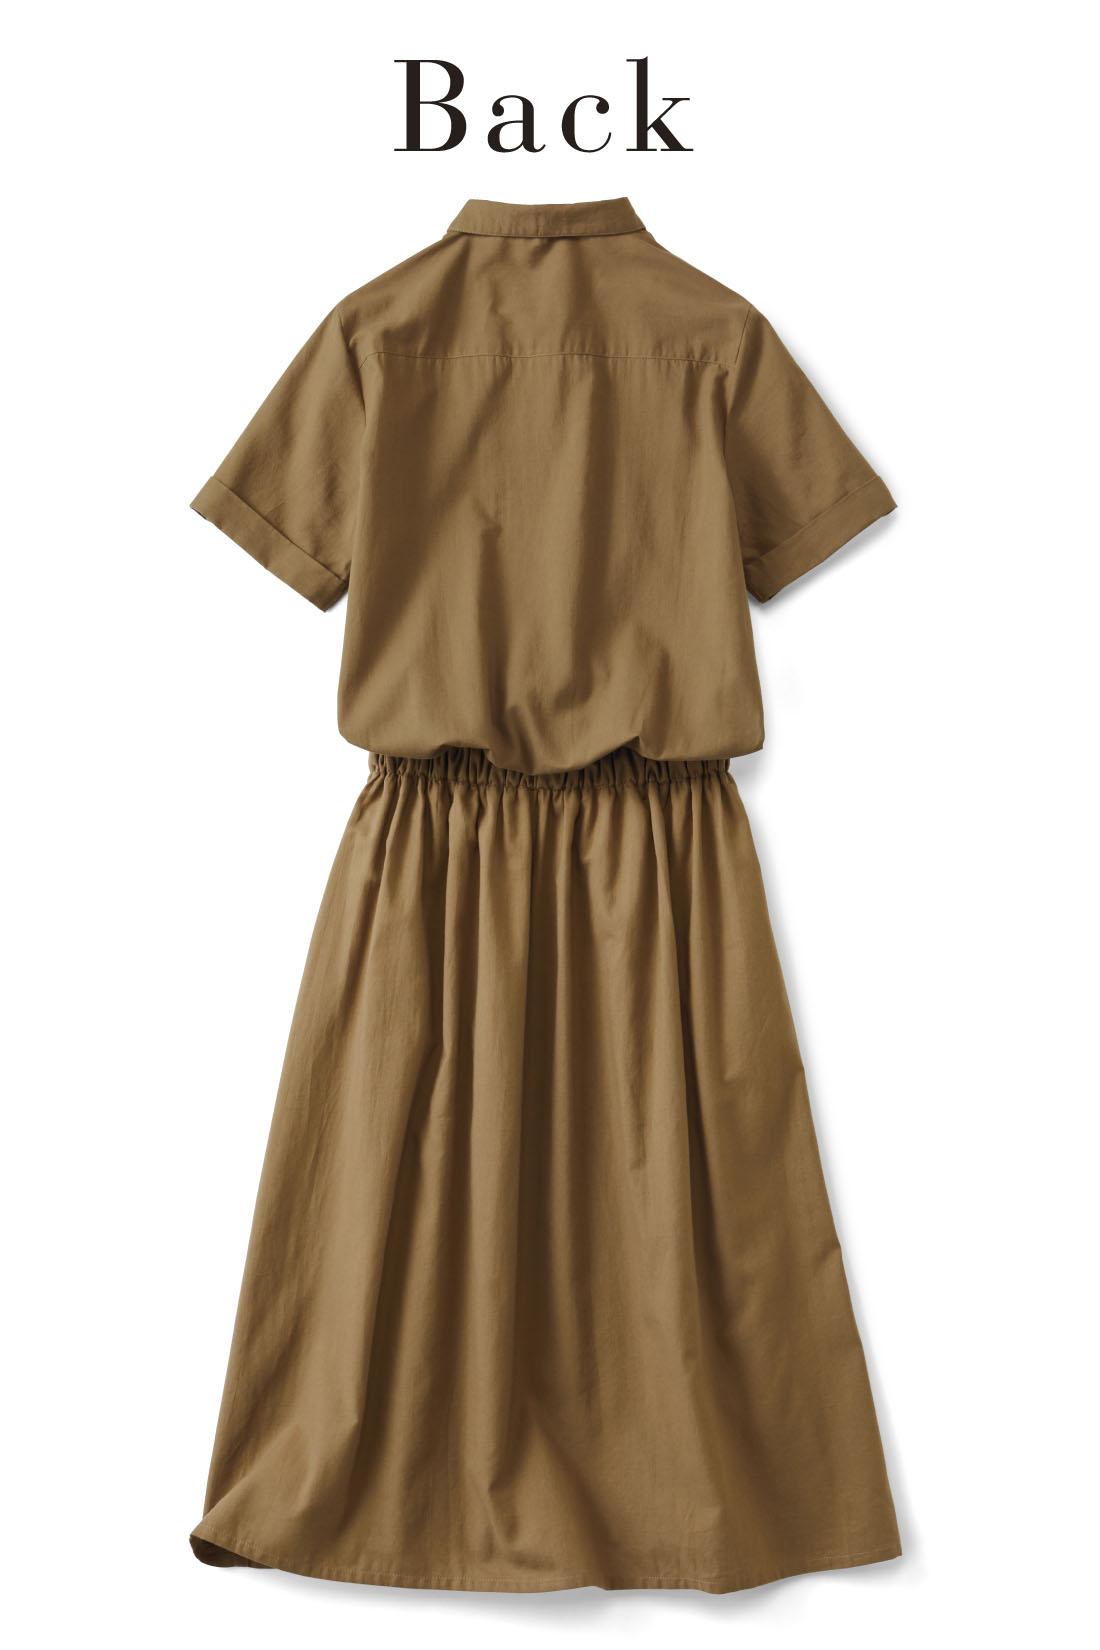 ヨーク切り替えで背中もすっきり。スカート部分はフレアーシルエットで腰まわりや脚のラインをカバー。 ※お届けするカラーとは異なります。